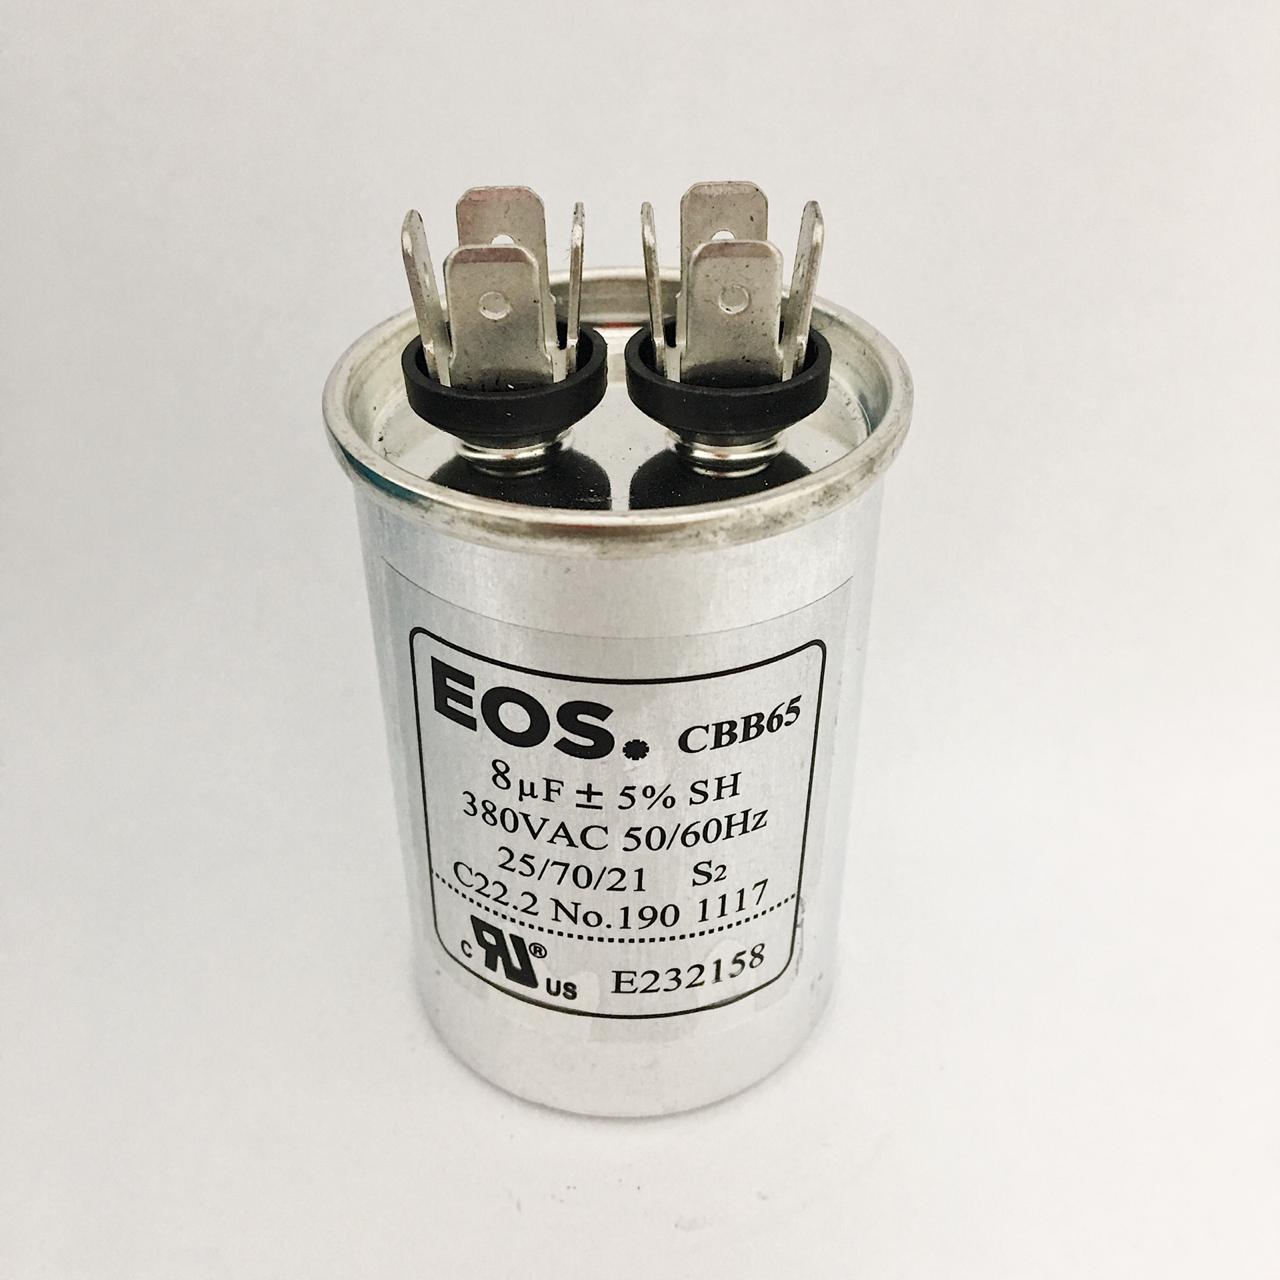 Capacitor 8 MFD 380V 50/60Hz